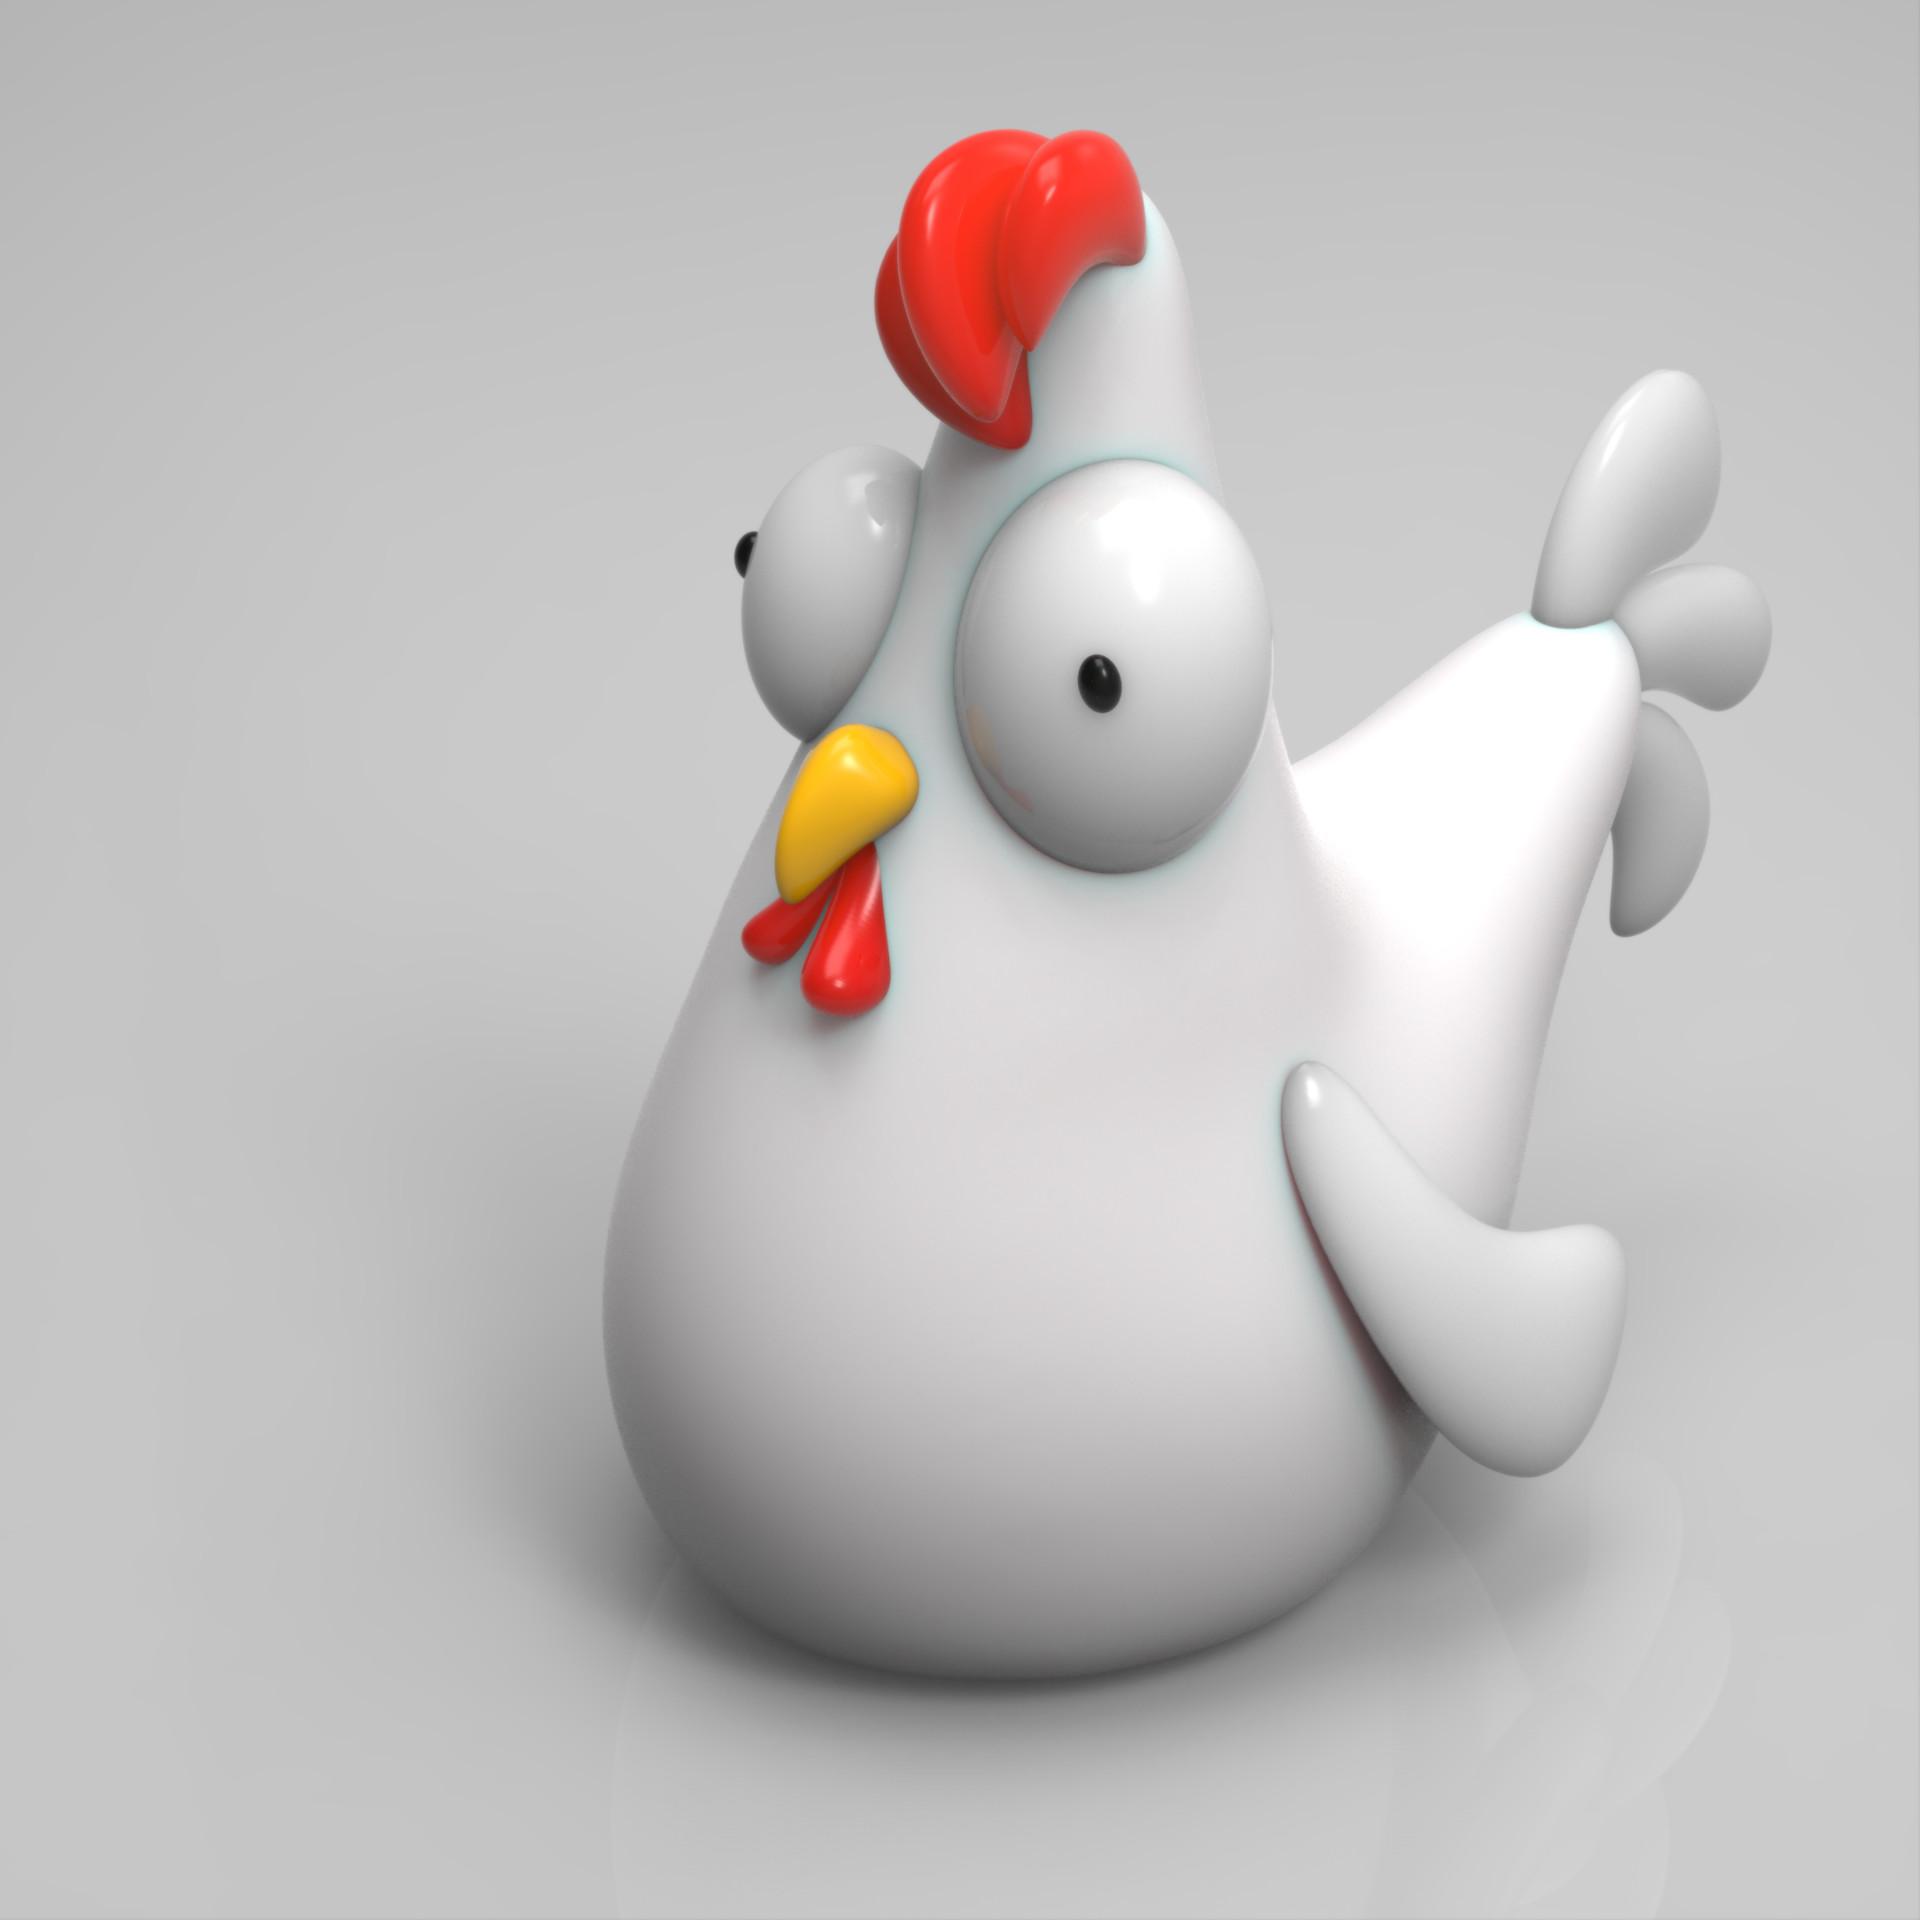 toy chicken